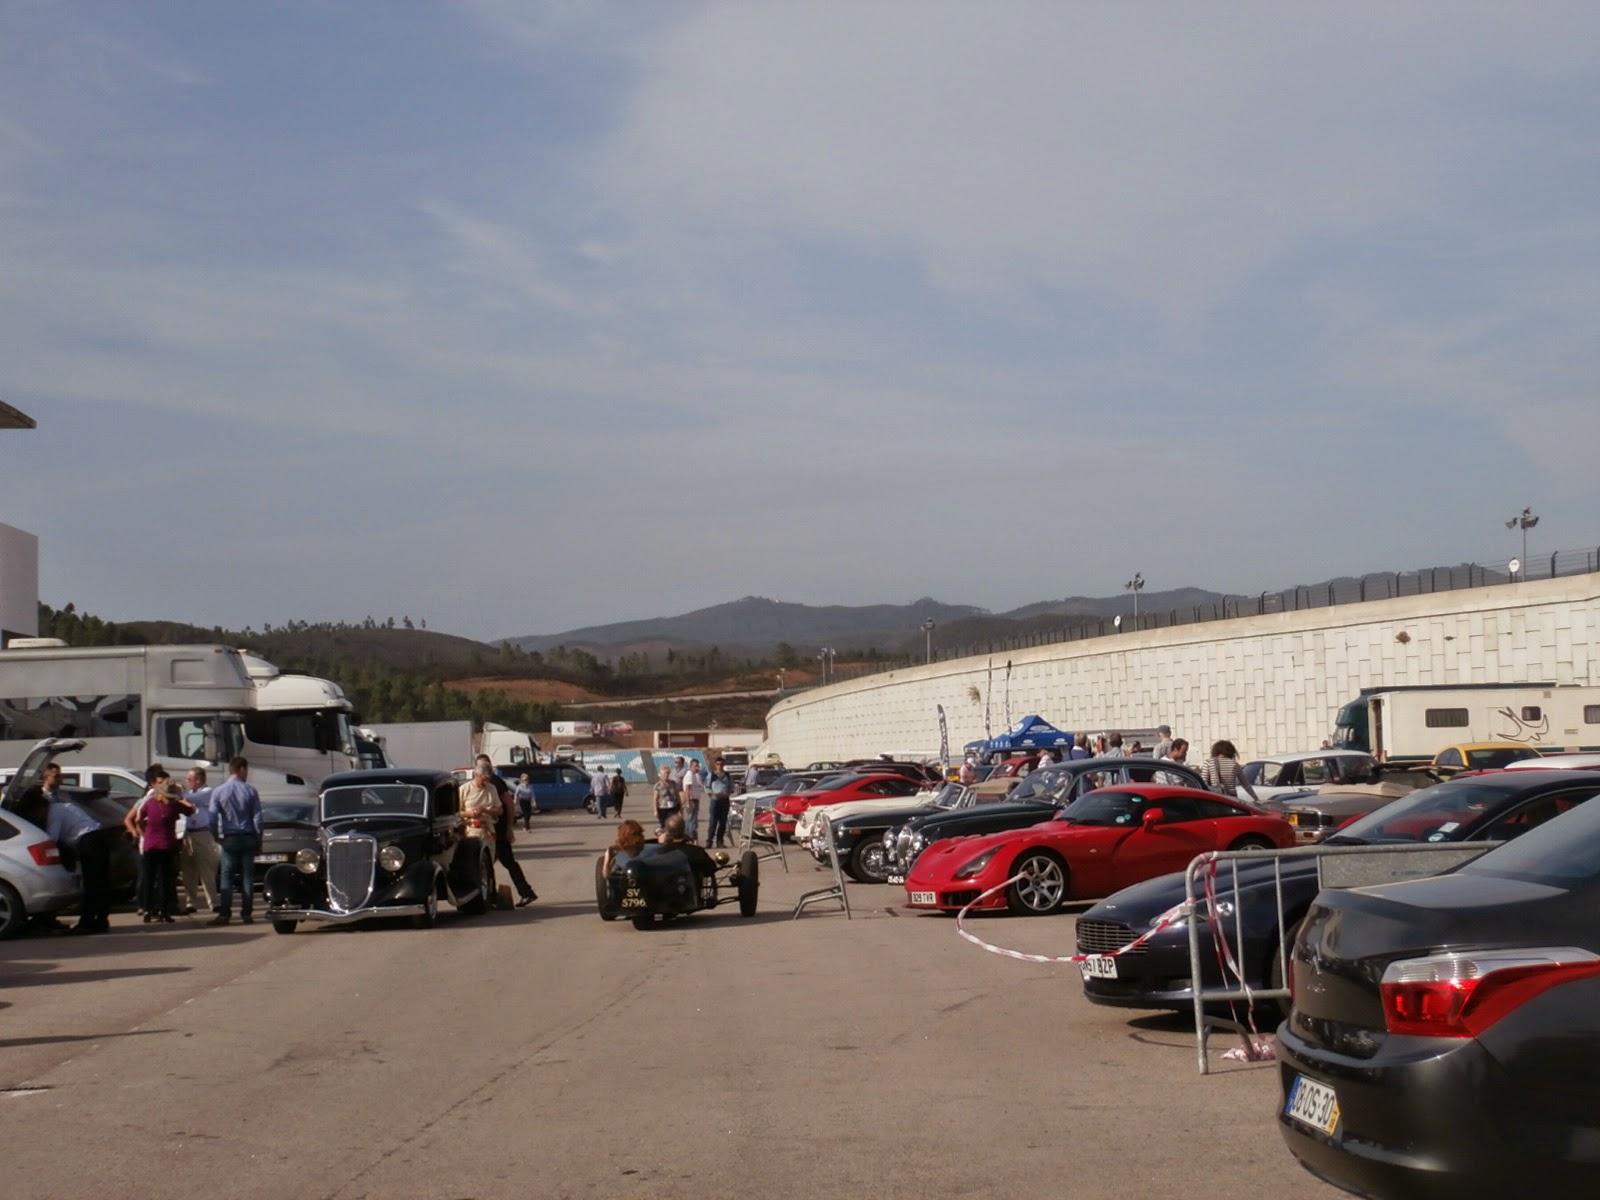 Circuito Algarve : Circuito en autocar de galicia al algarve sur de portugal